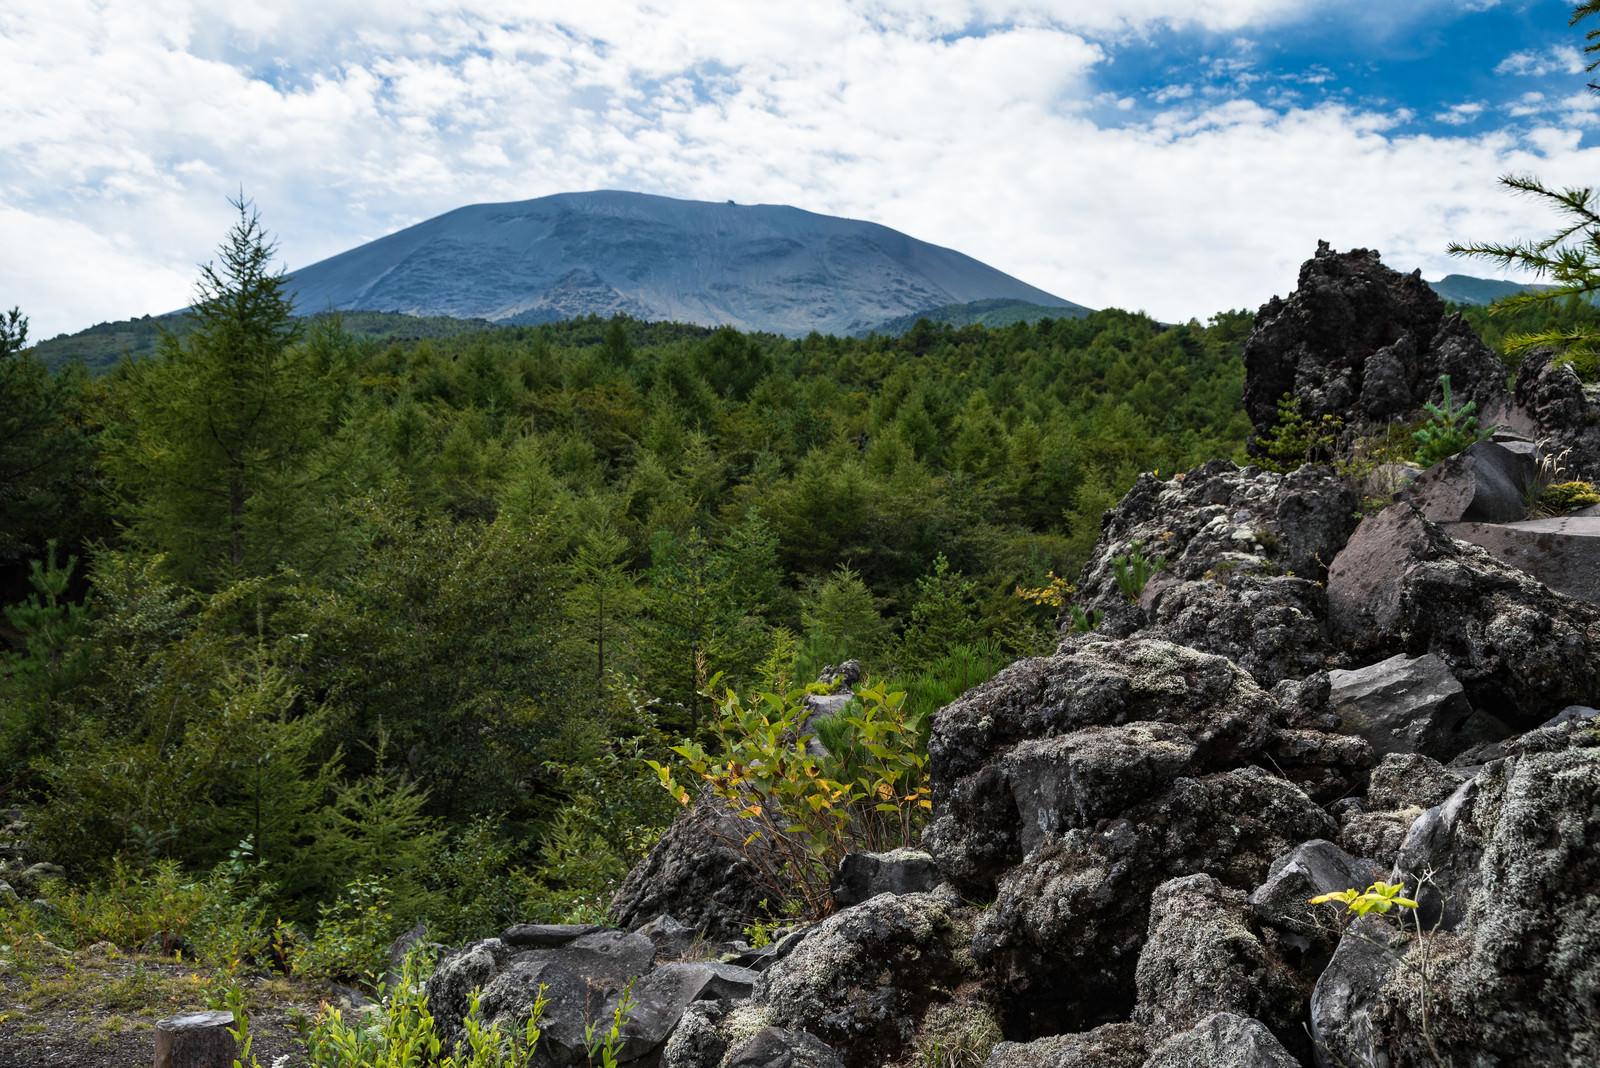 「浅間山大噴火の溶岩の凝固地帯」の写真